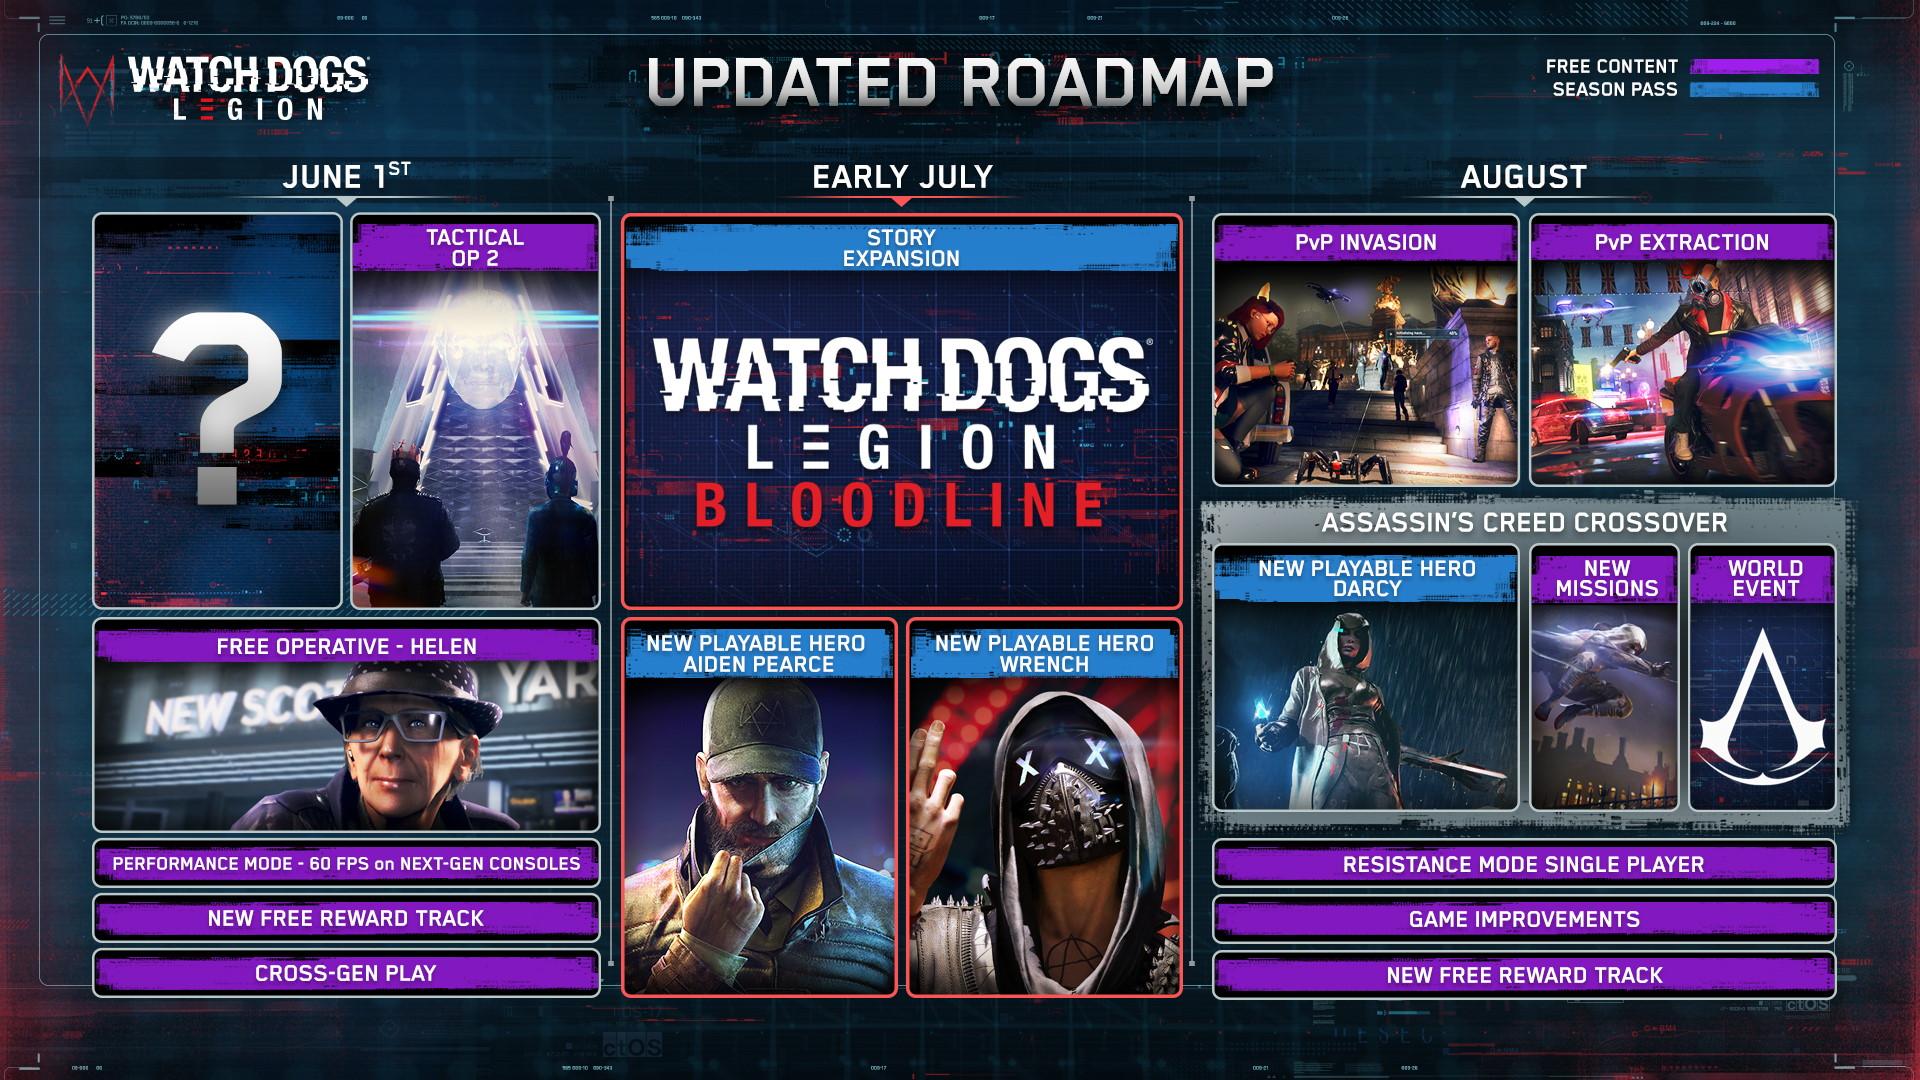 Watch Dogs Legion development roadmap